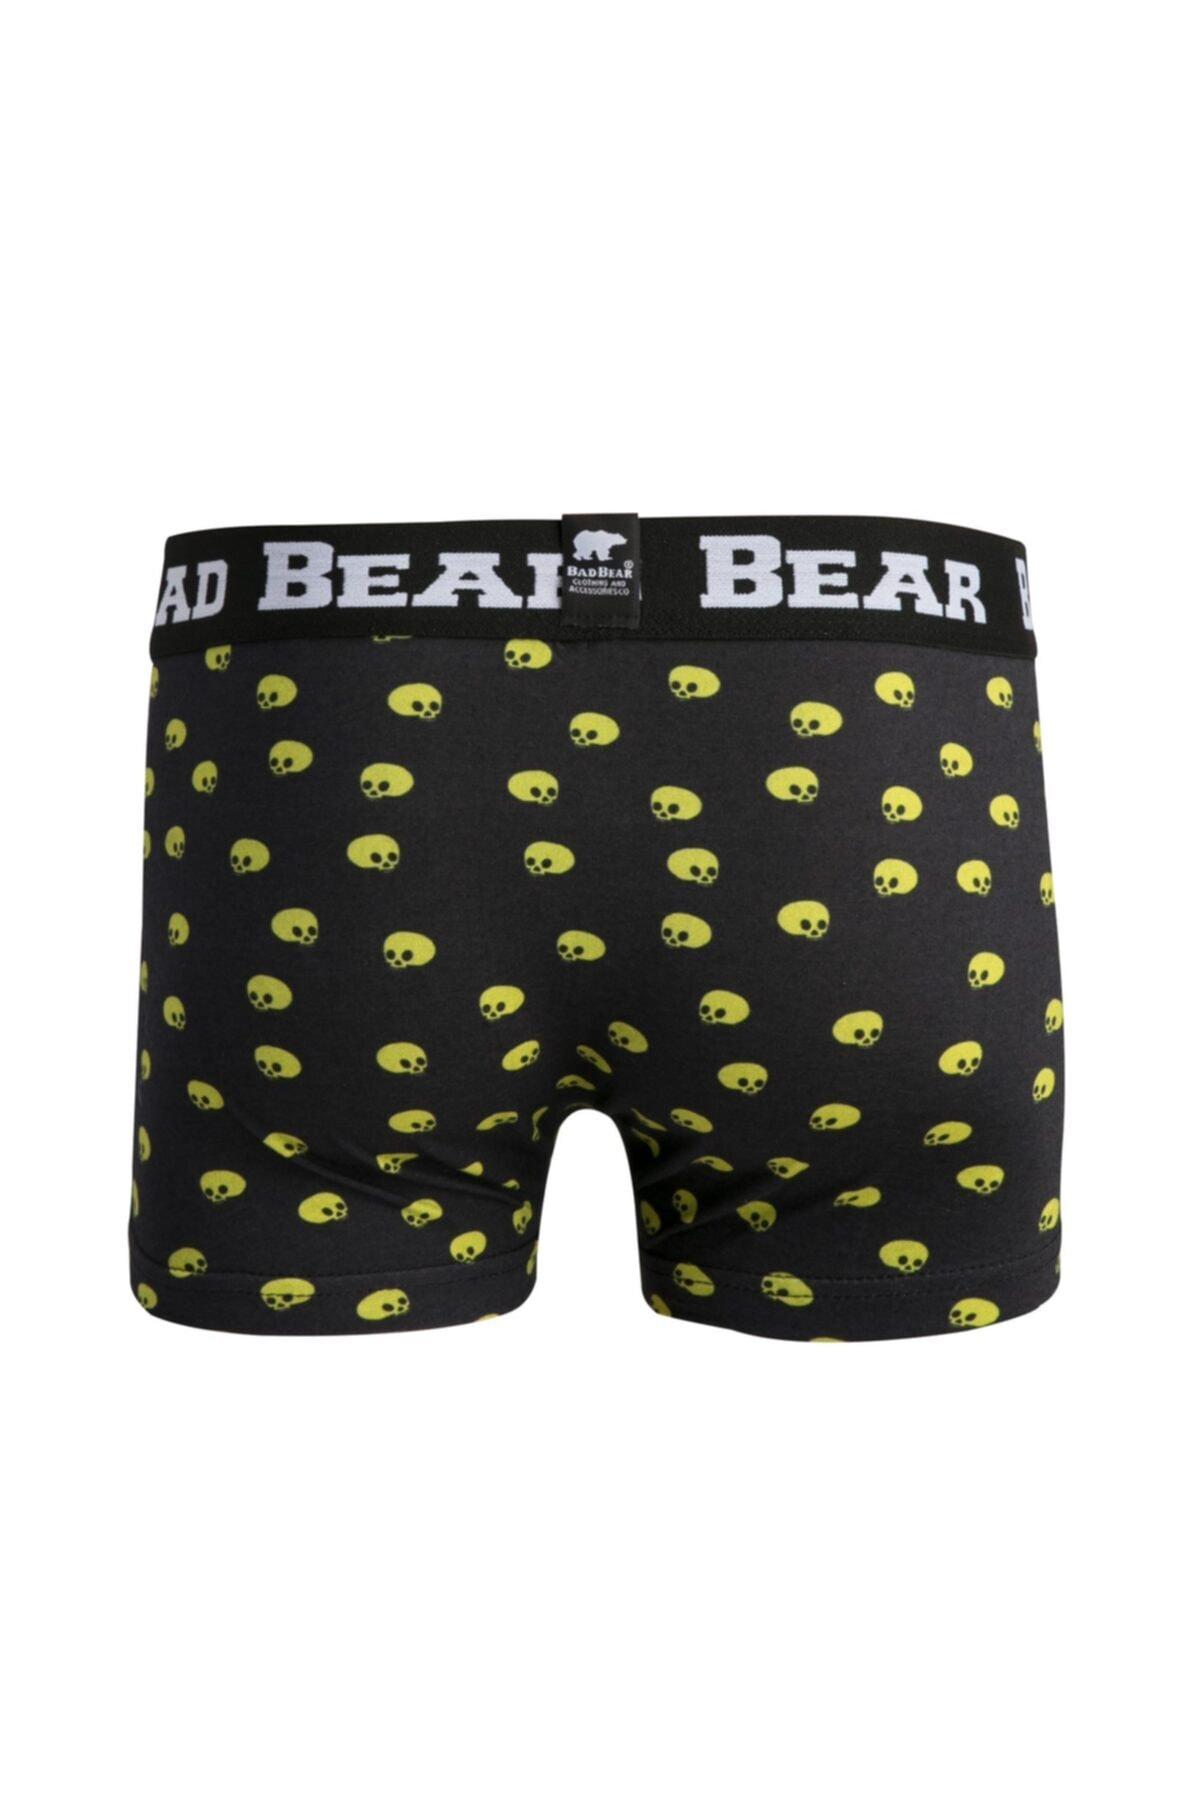 Bad Bear Erkek Boxer Baskılı 18.01.03.012 2